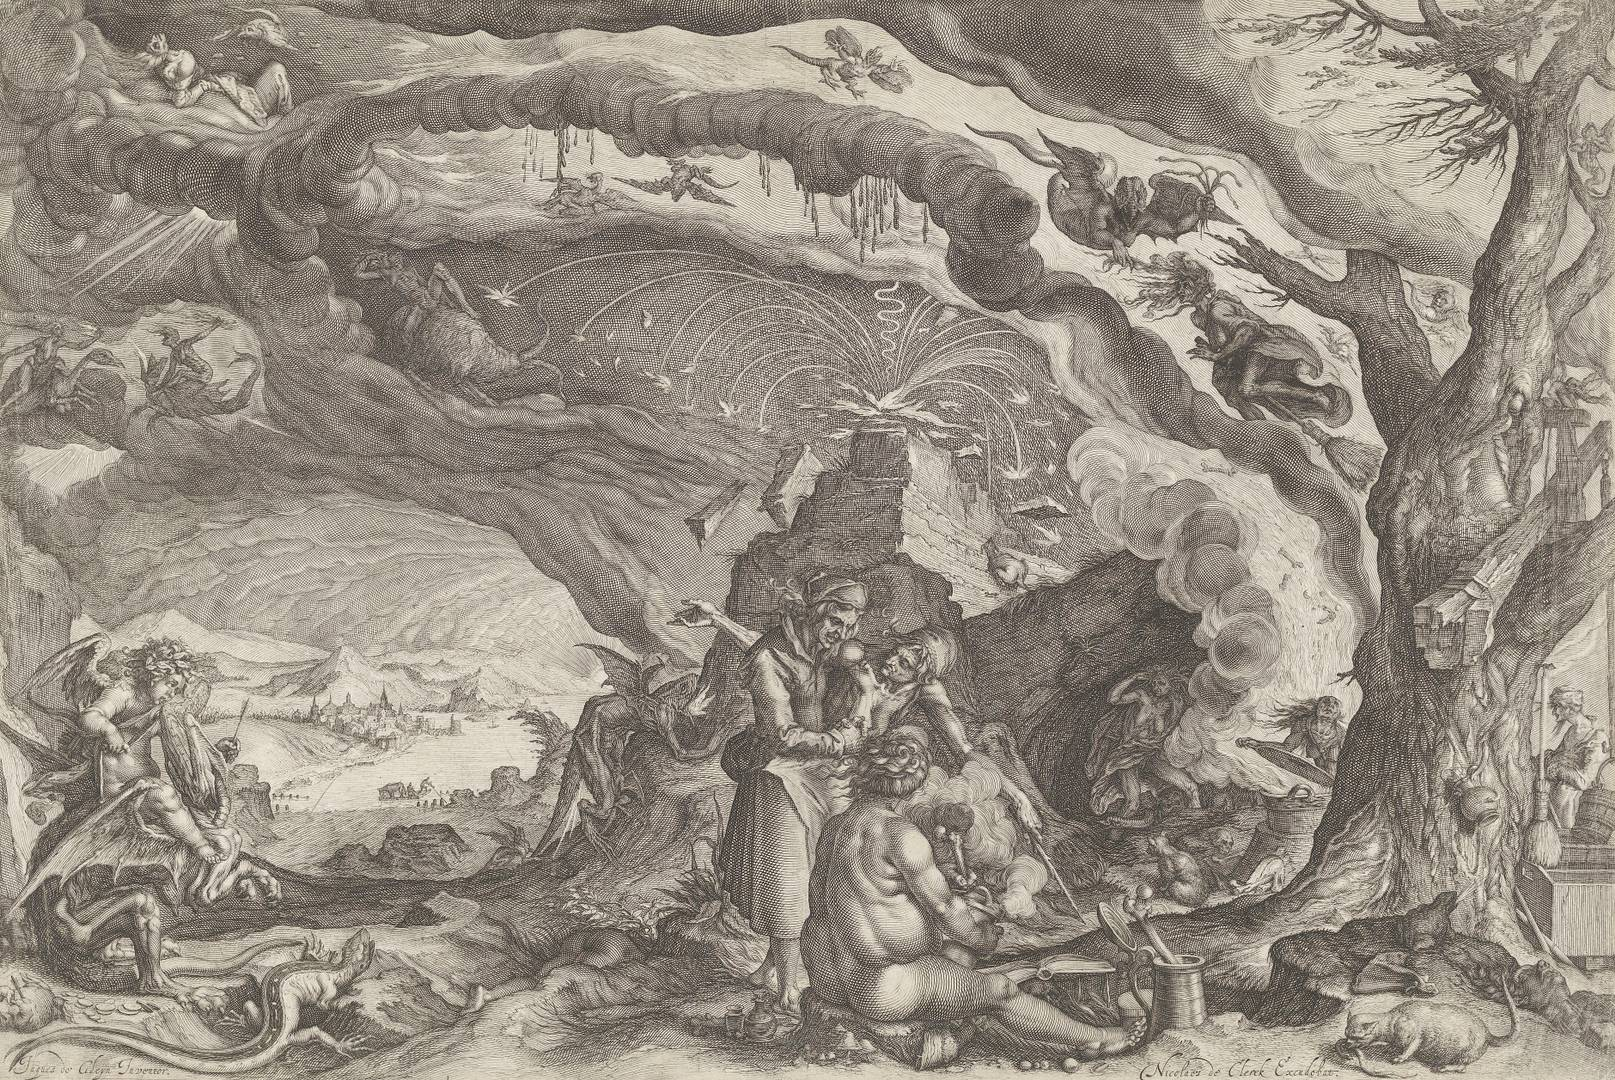 Андрис Якобз Сток. Ведьмы готовятся к шабашу. Ок. 1610